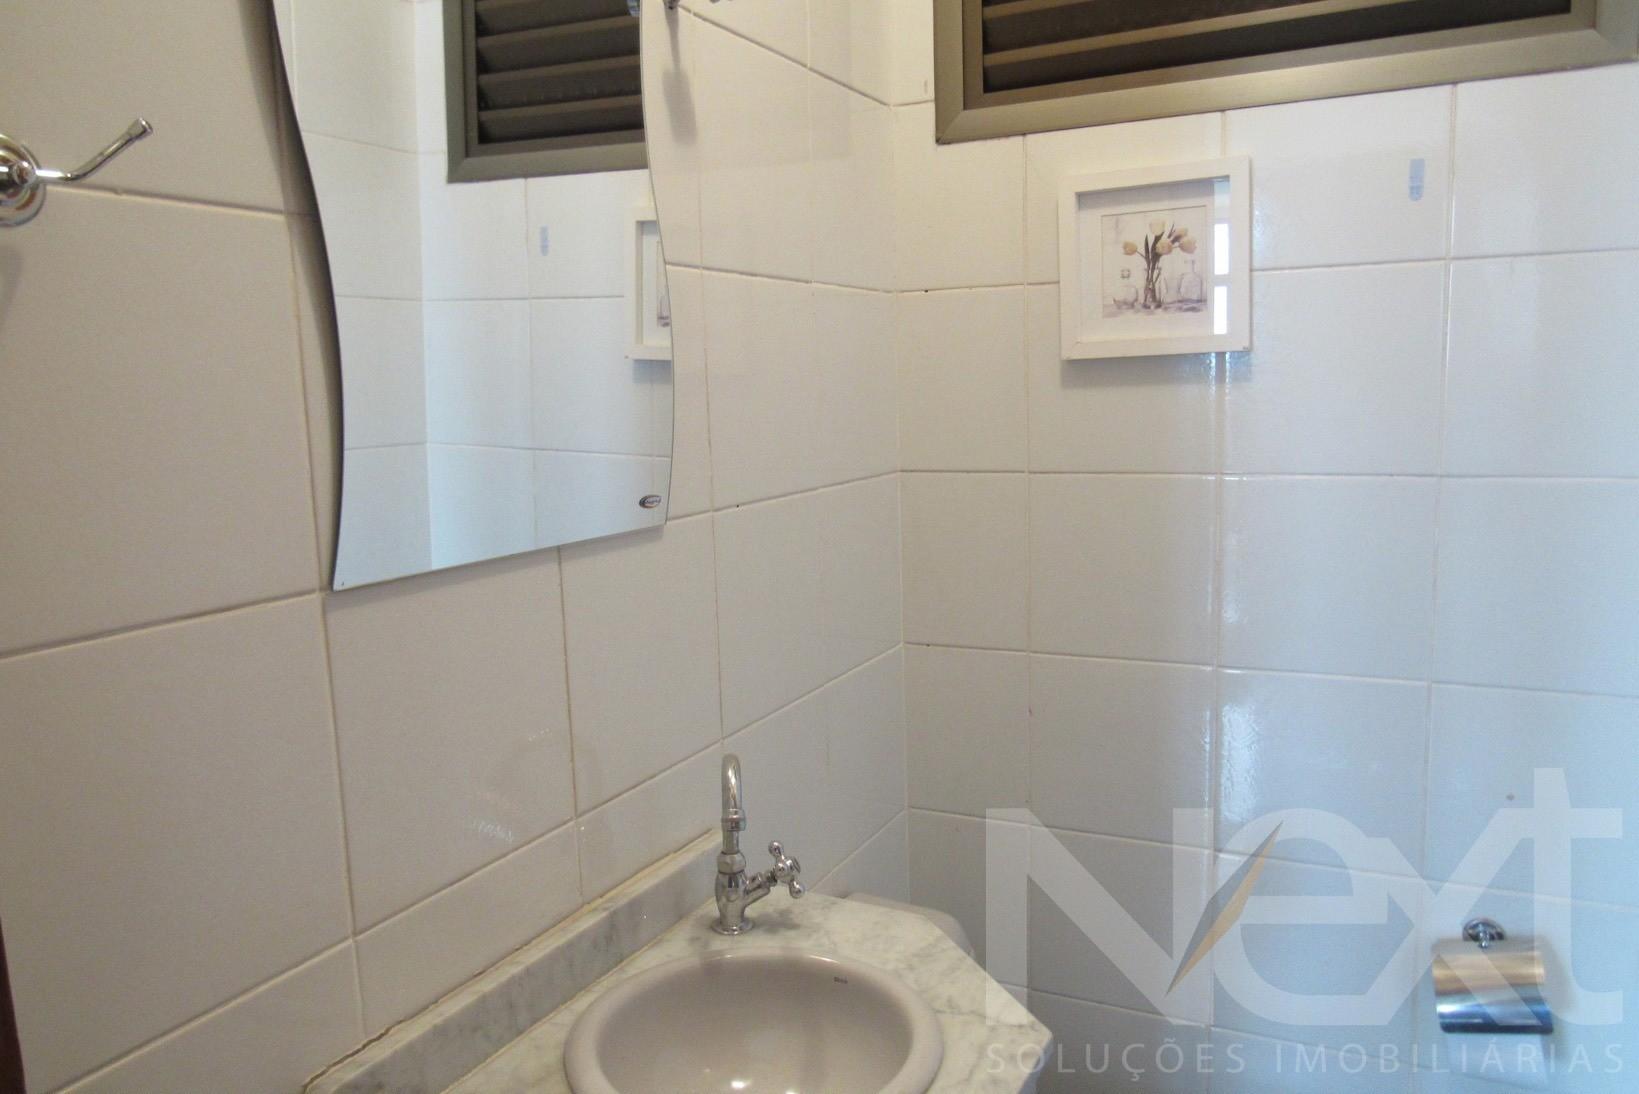 Apartamento de 3 dormitórios em Cambui, Campinas - SP